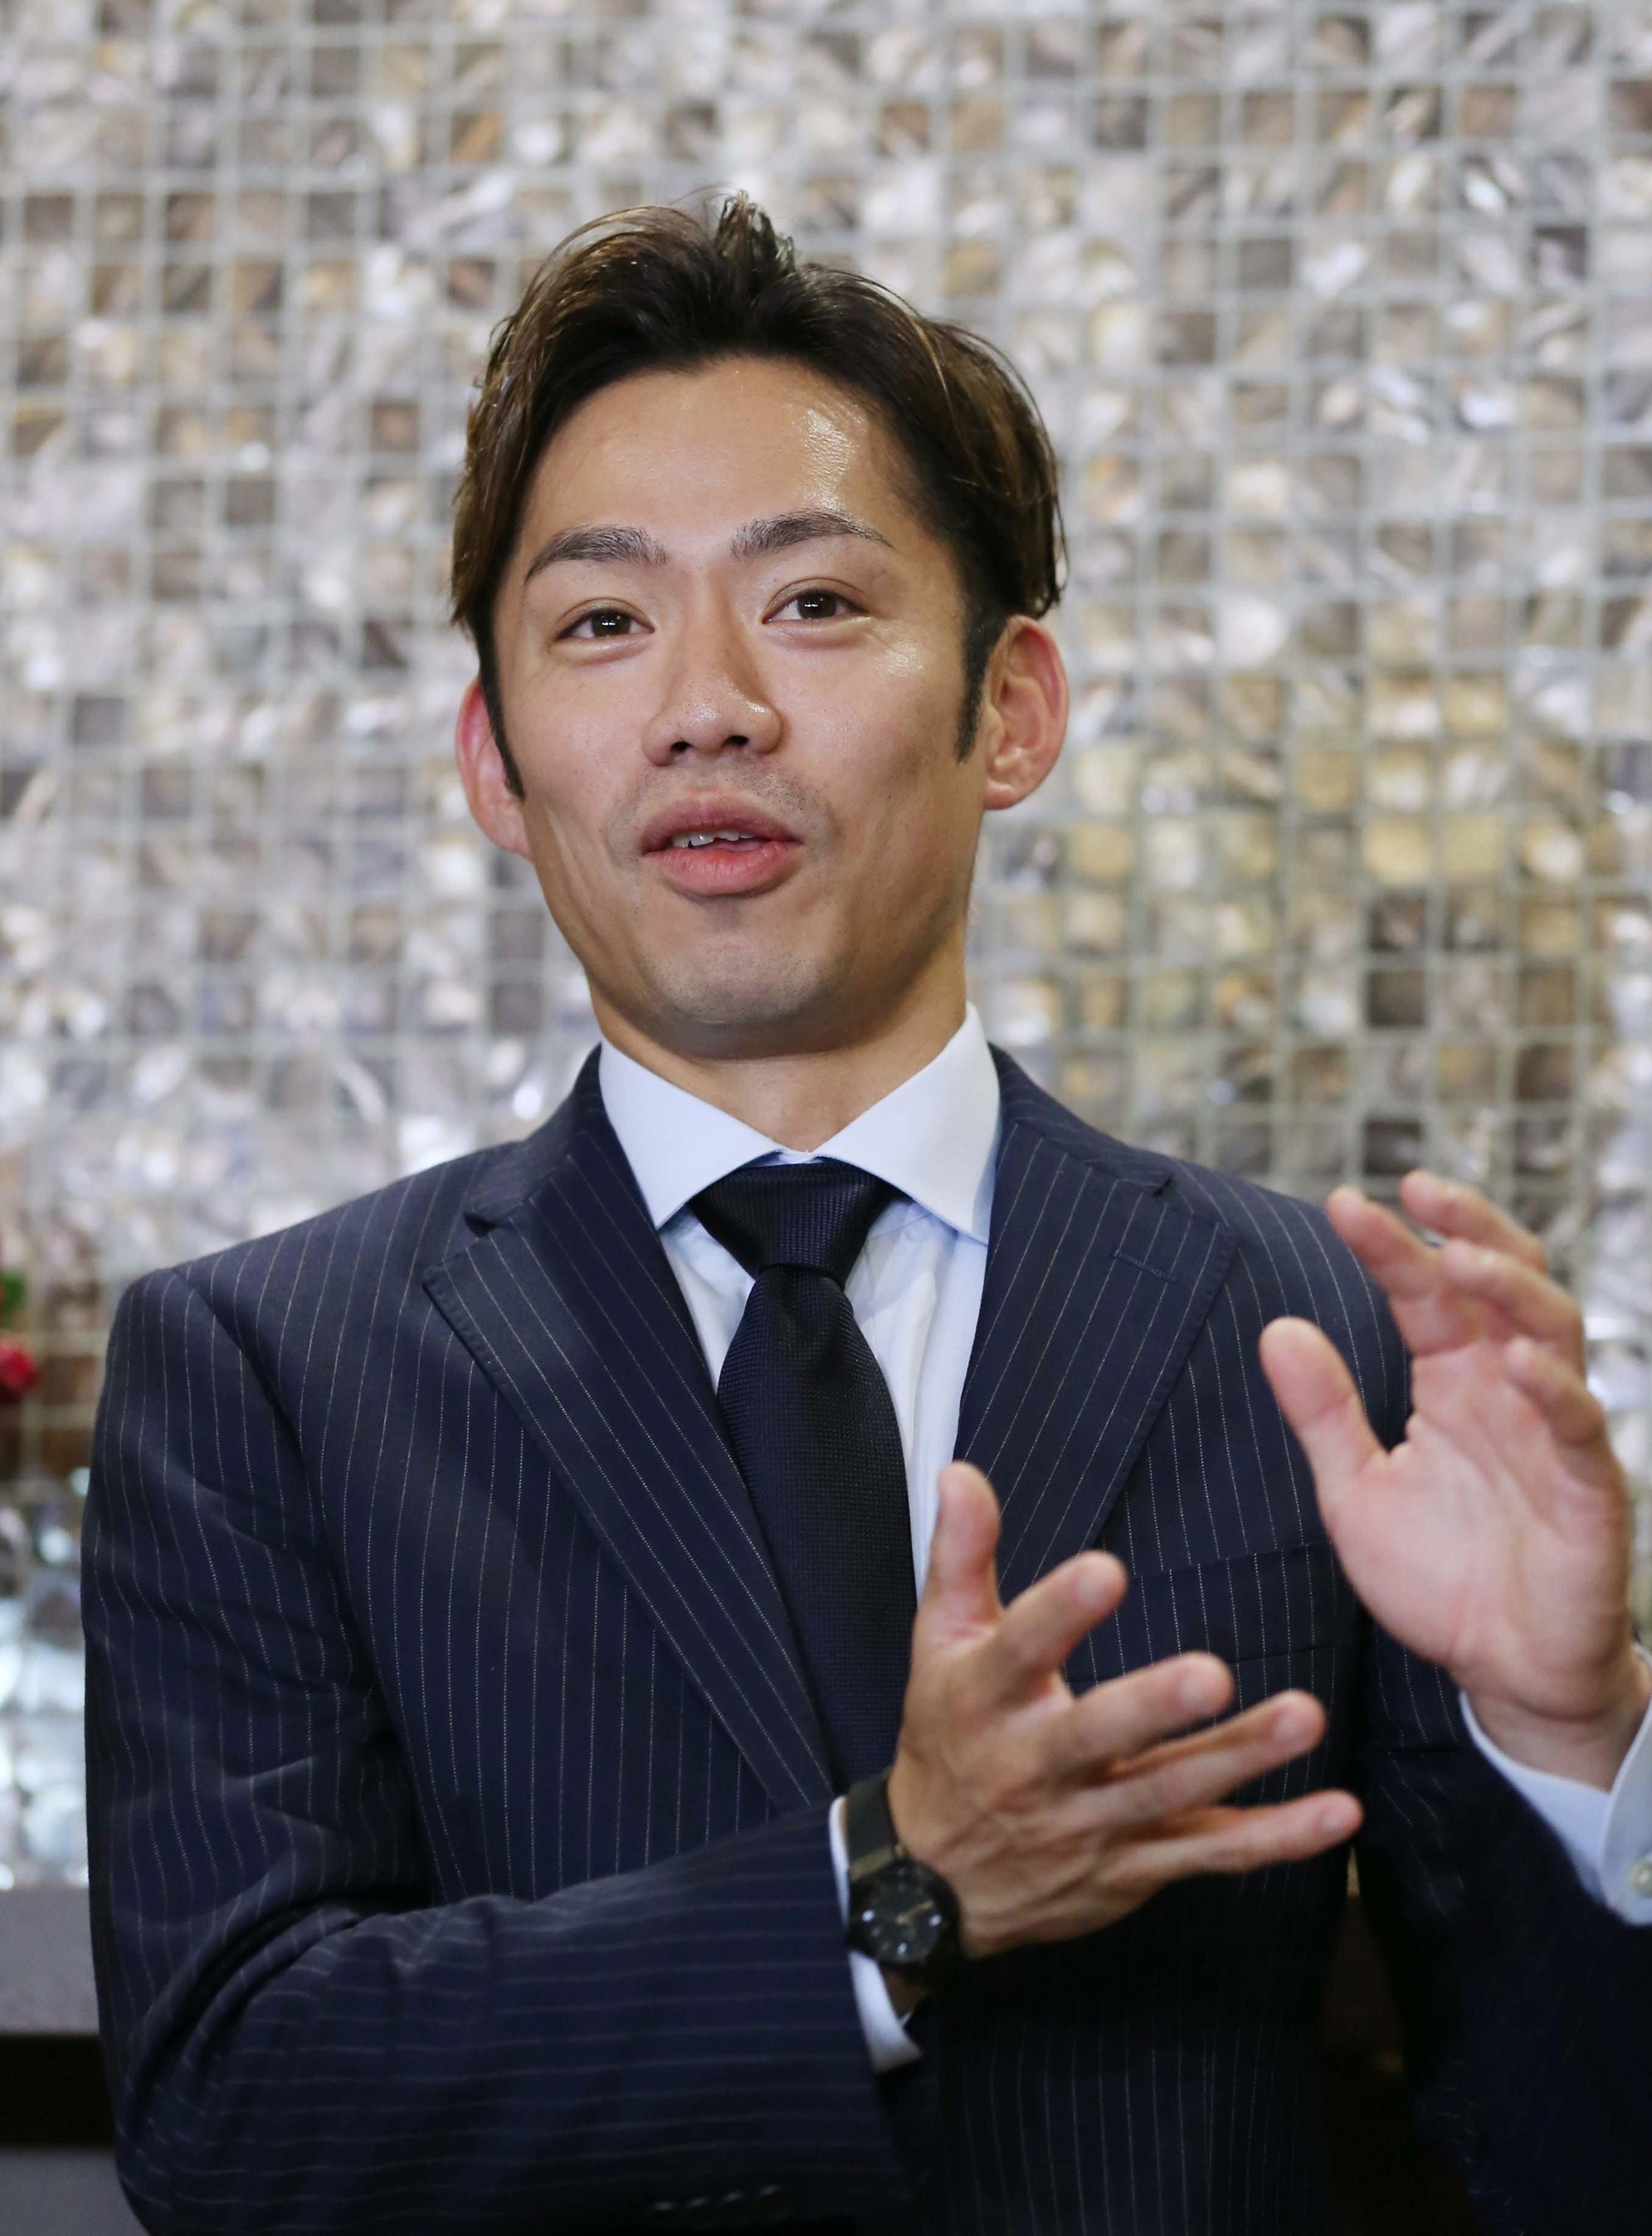 フィギュア現役復帰を表明した高橋大輔、羽生結弦や宇野昌磨について「勝てる気は一切しない」と語る